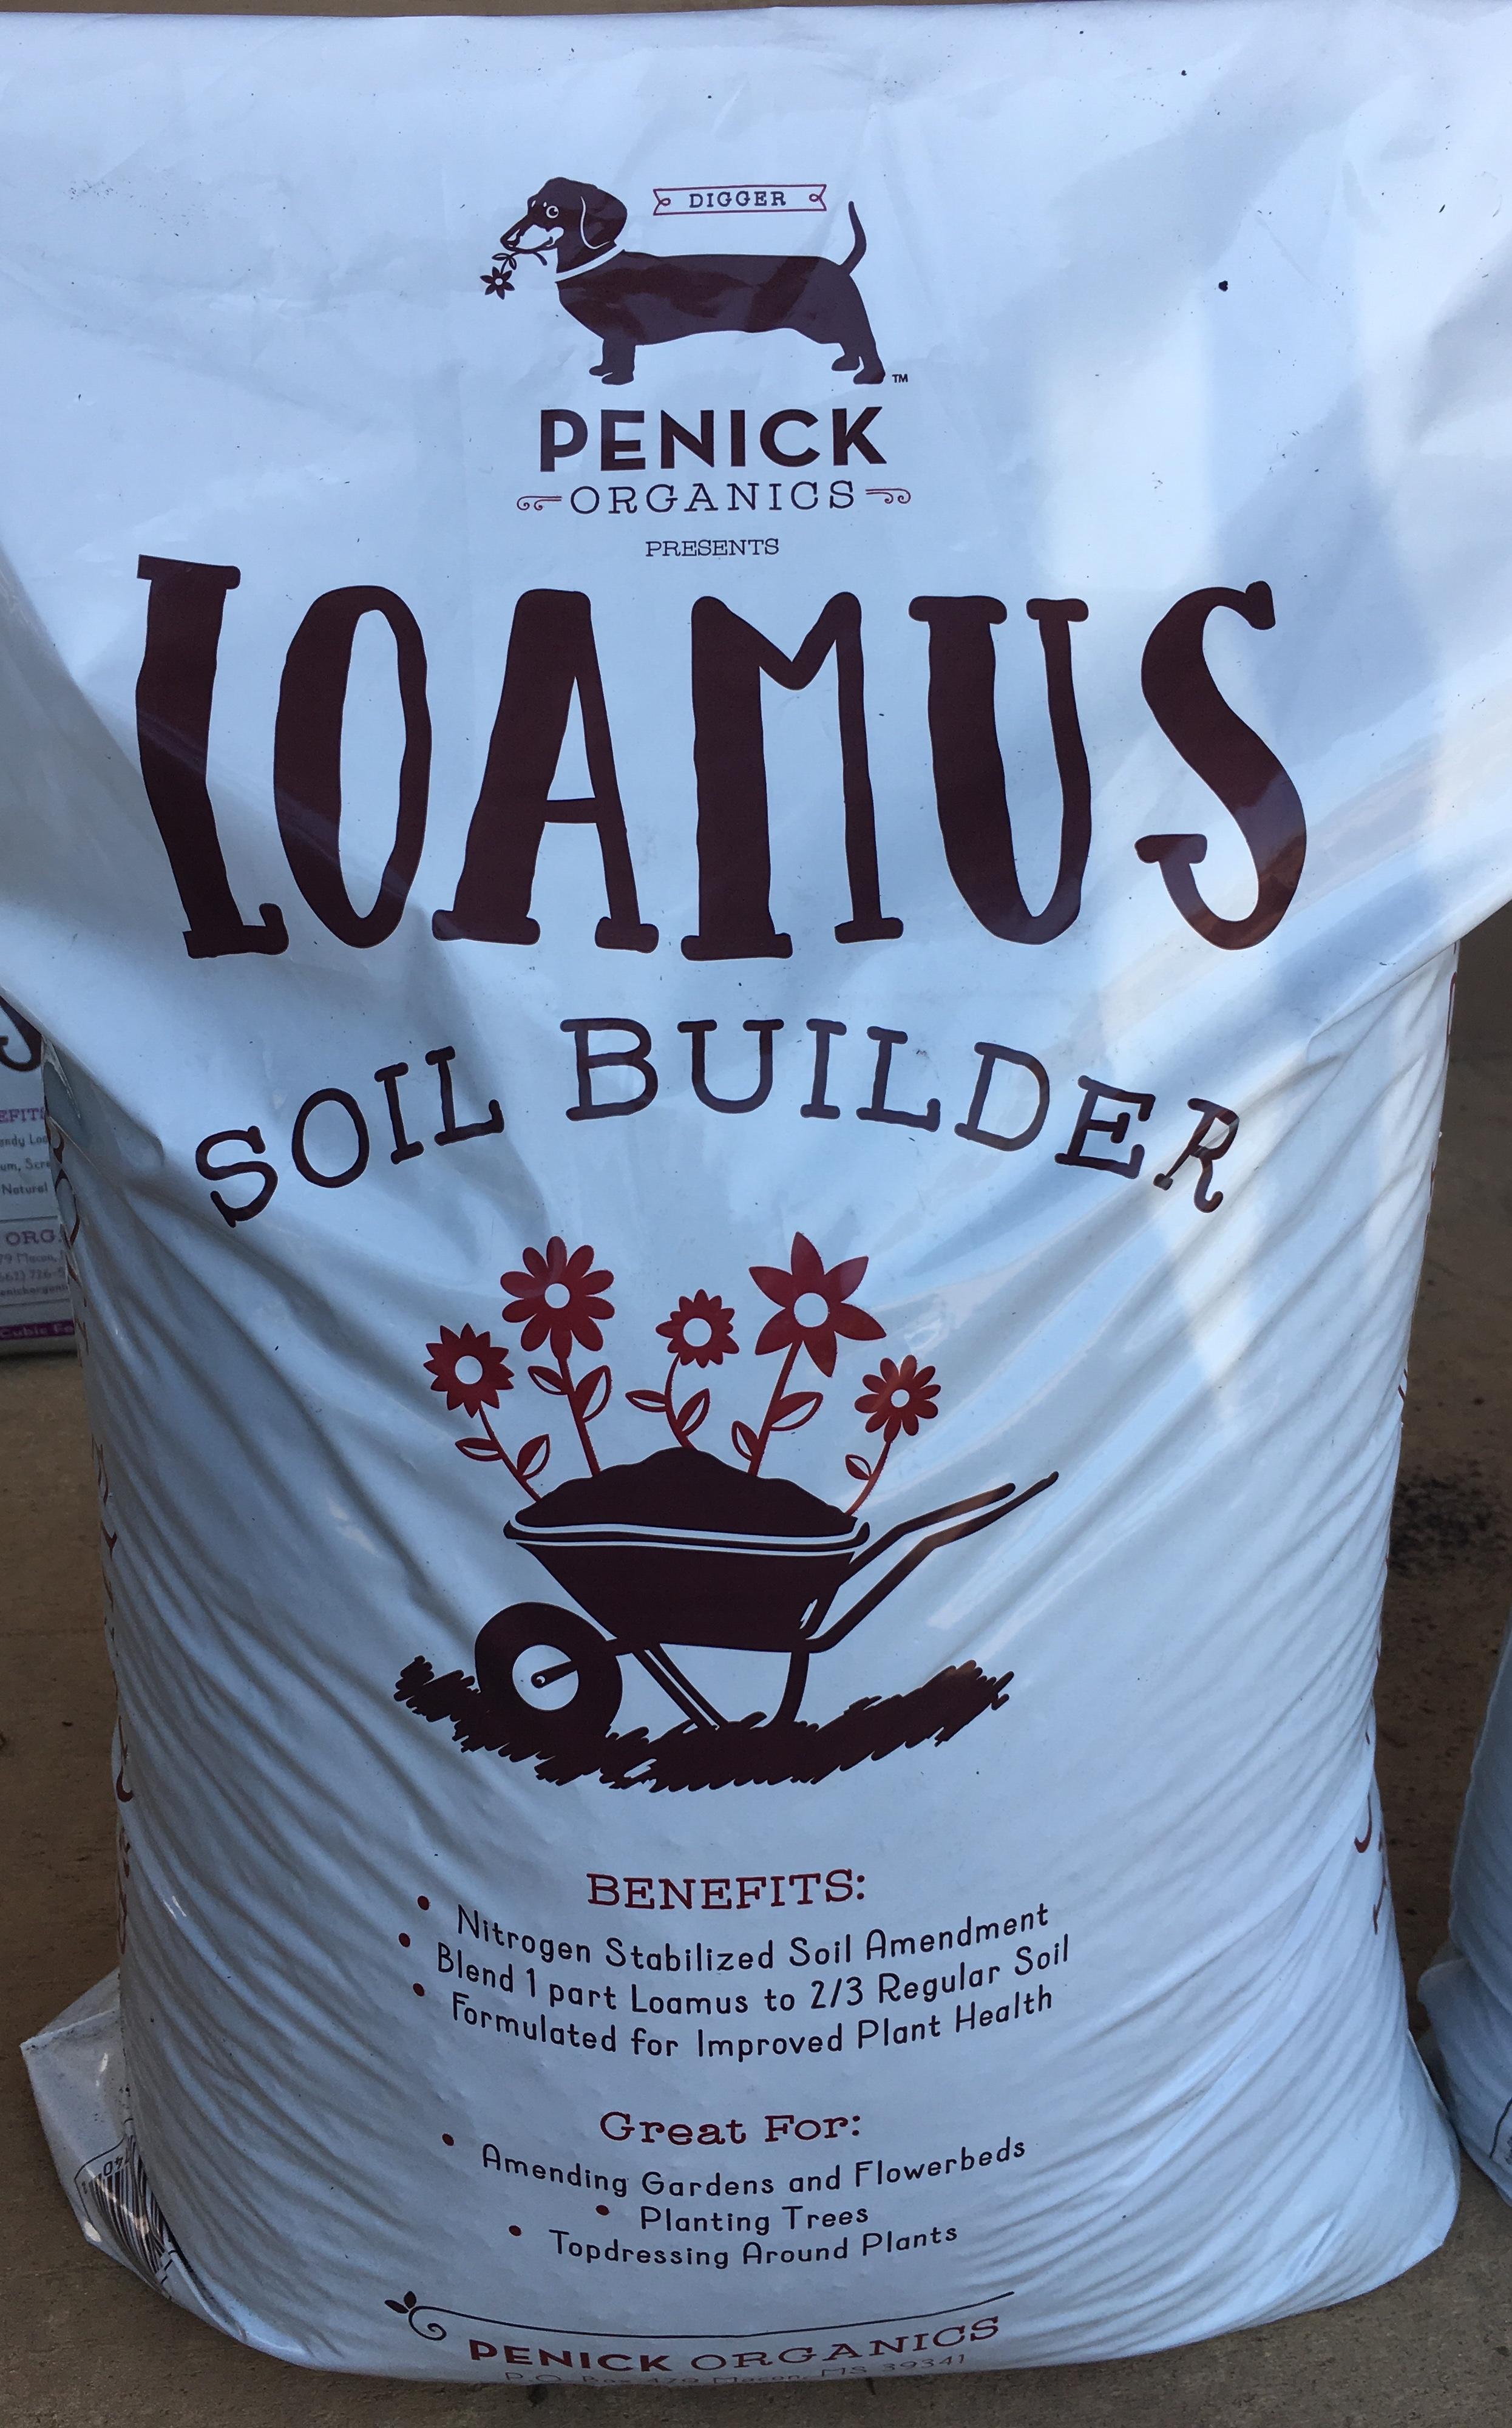 Loamus Soil Builder